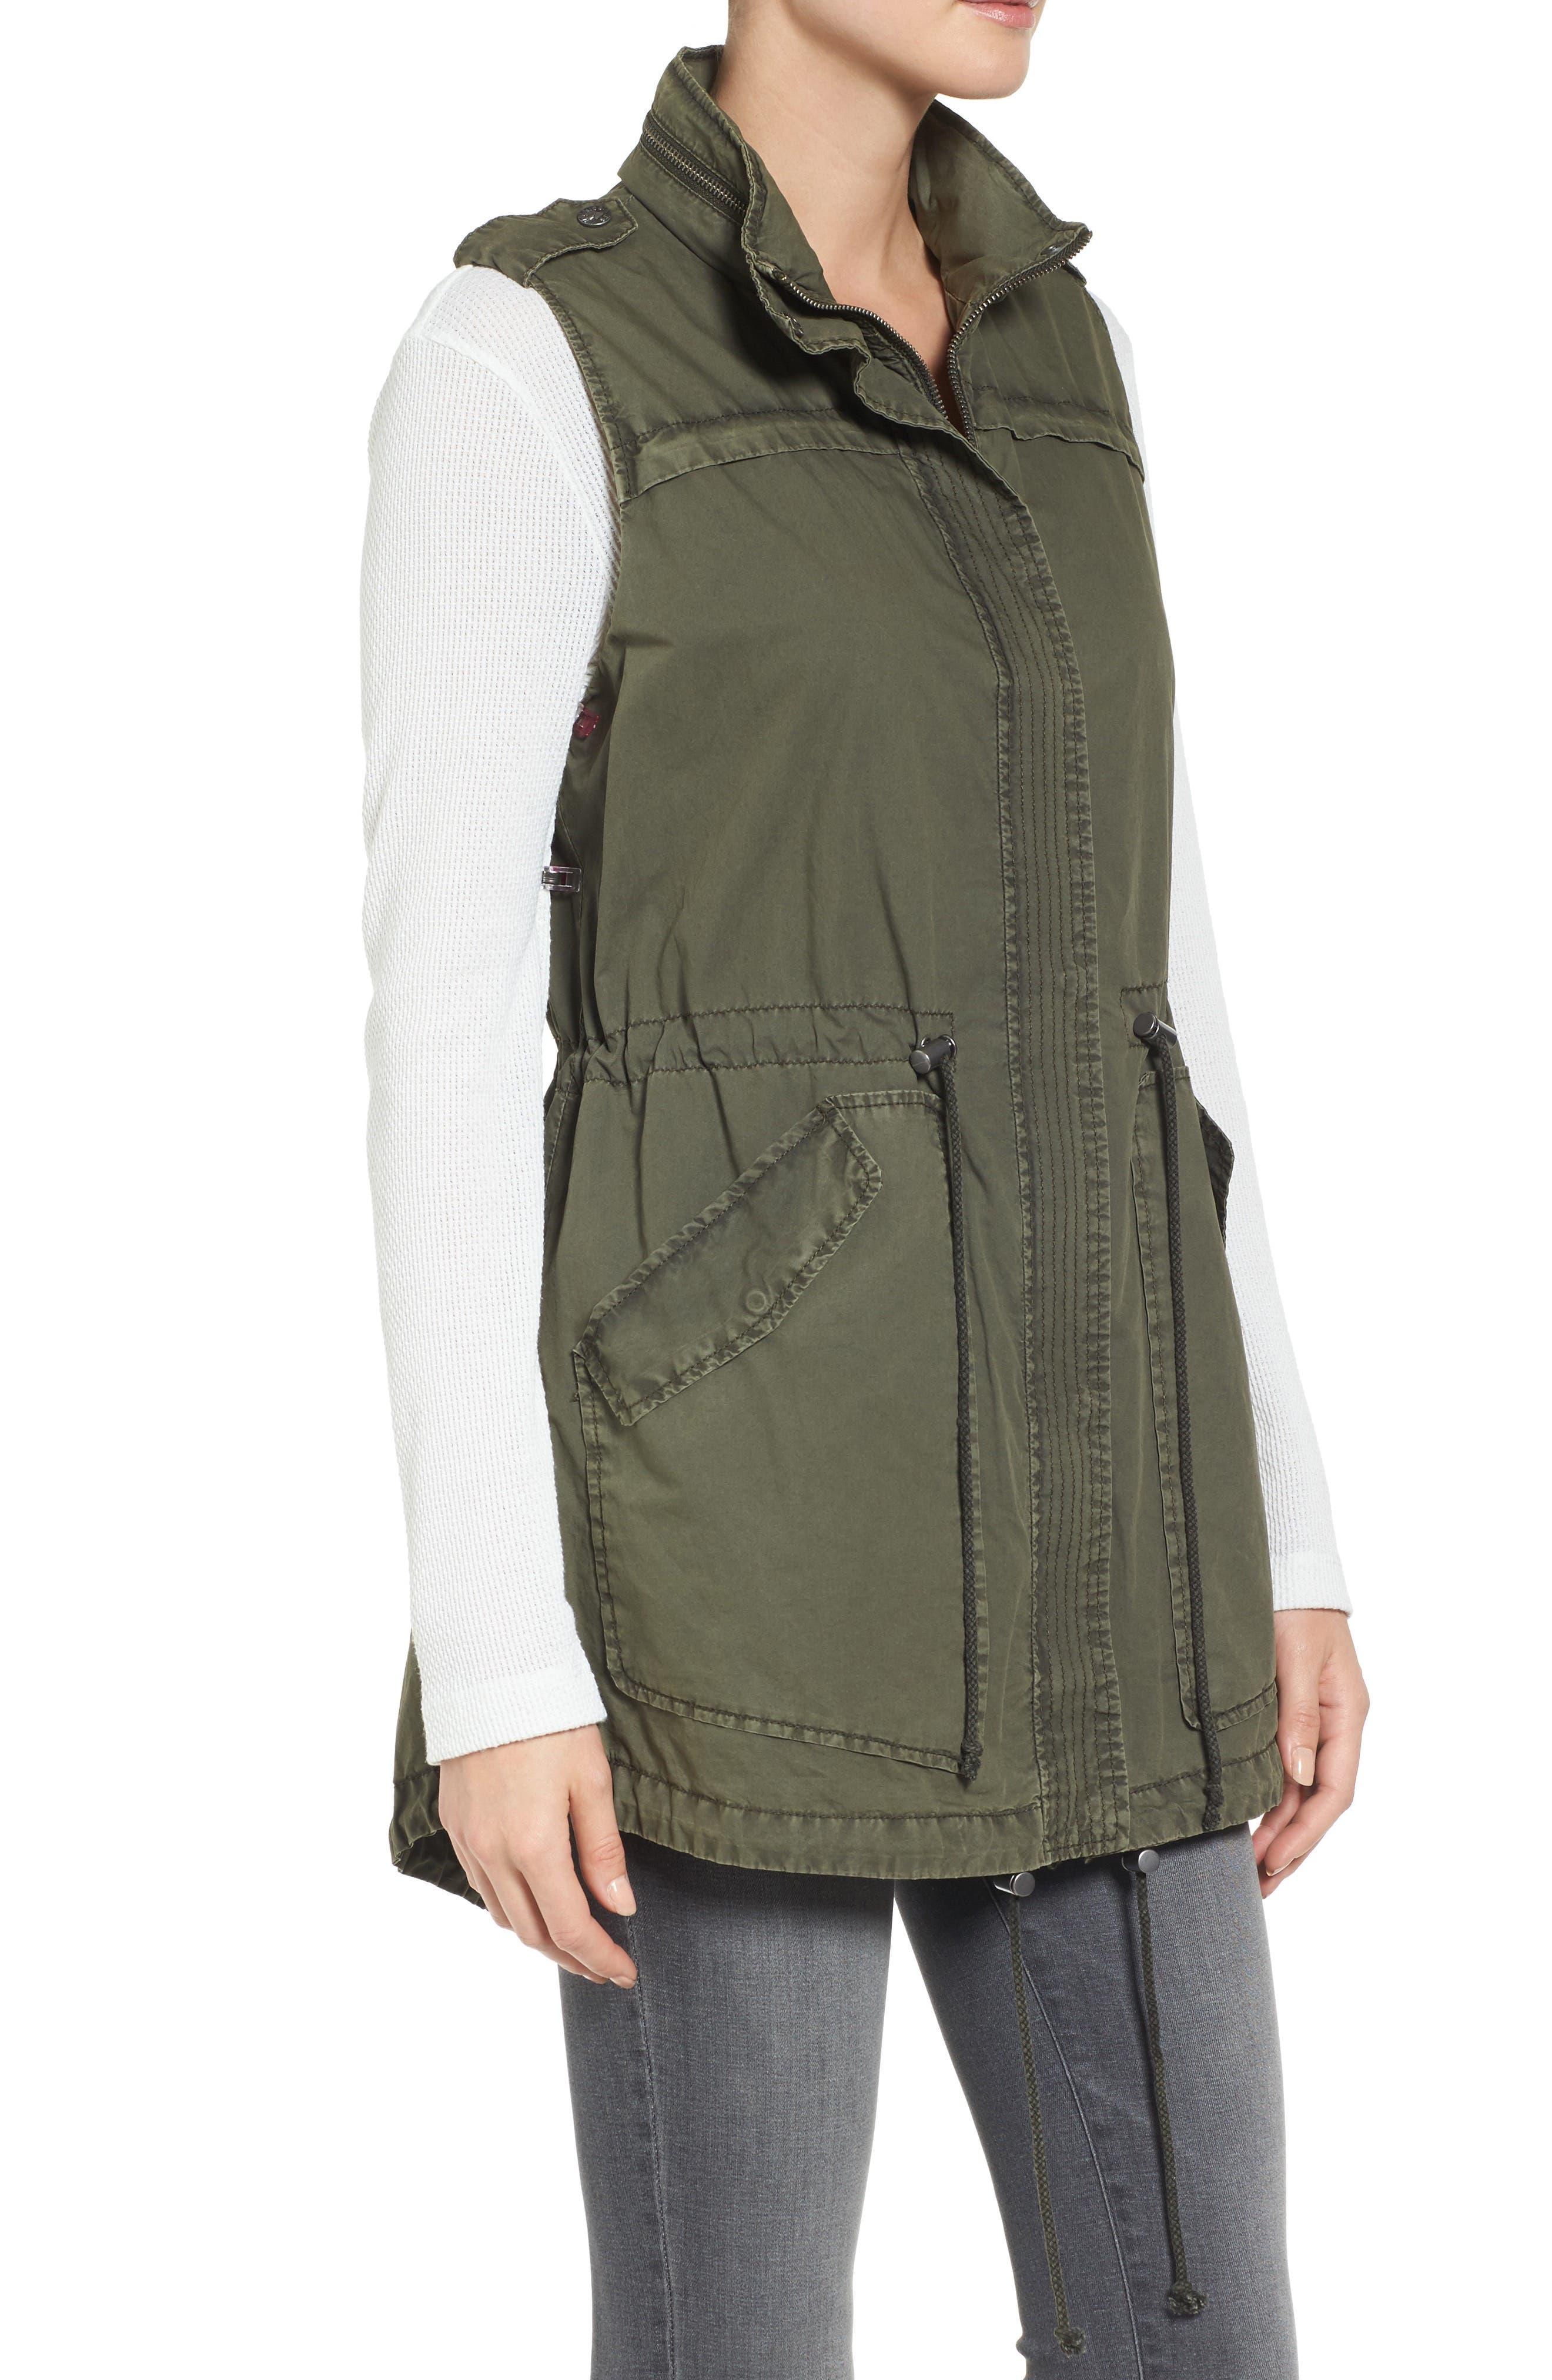 Levi's Parachute Cotton Vest,                             Alternate thumbnail 4, color,                             Army Green